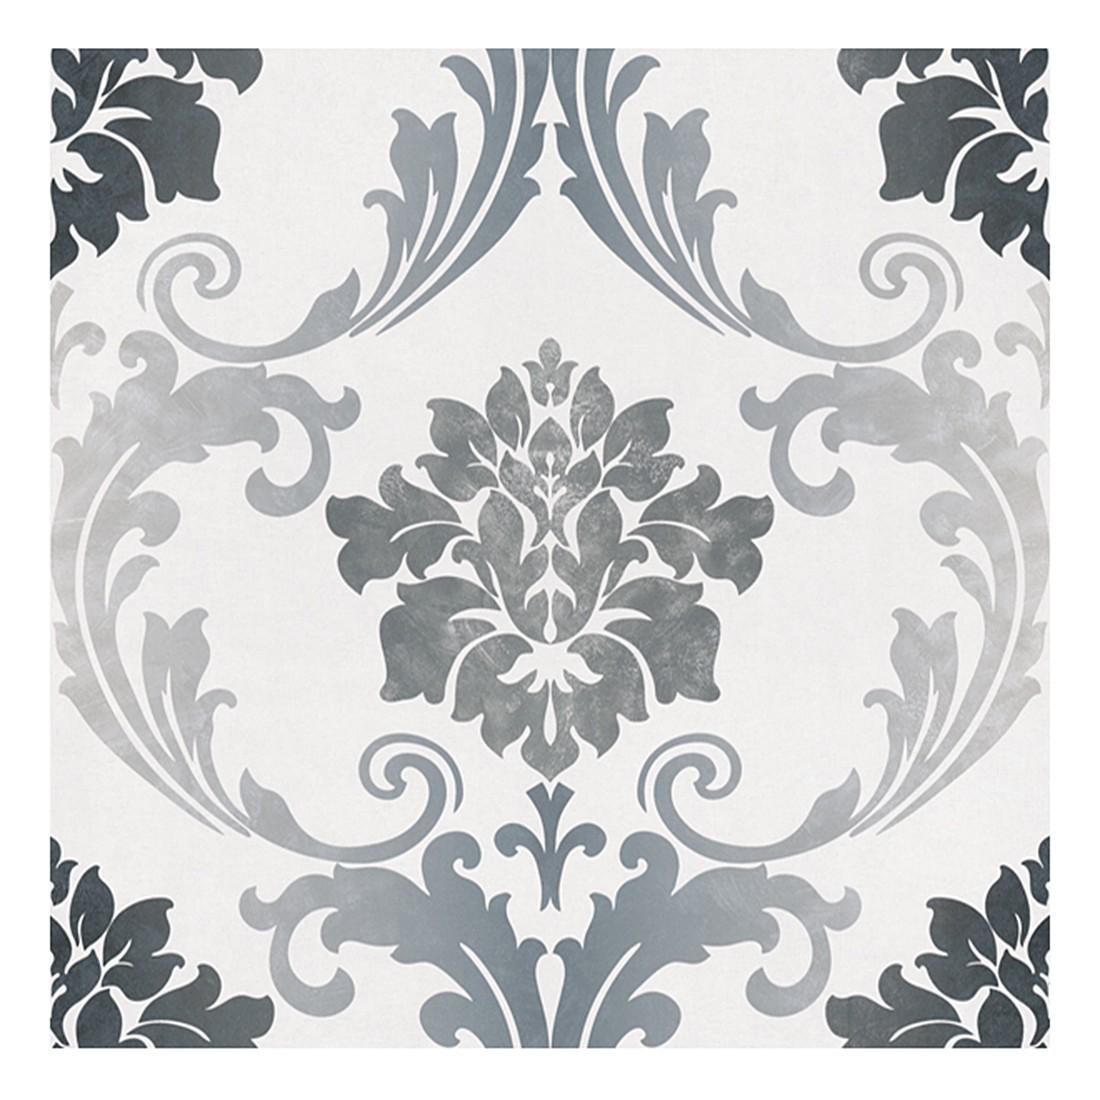 Papiertapete New Baroque – weiß – grau – metallic – glatt, Home24Deko online kaufen